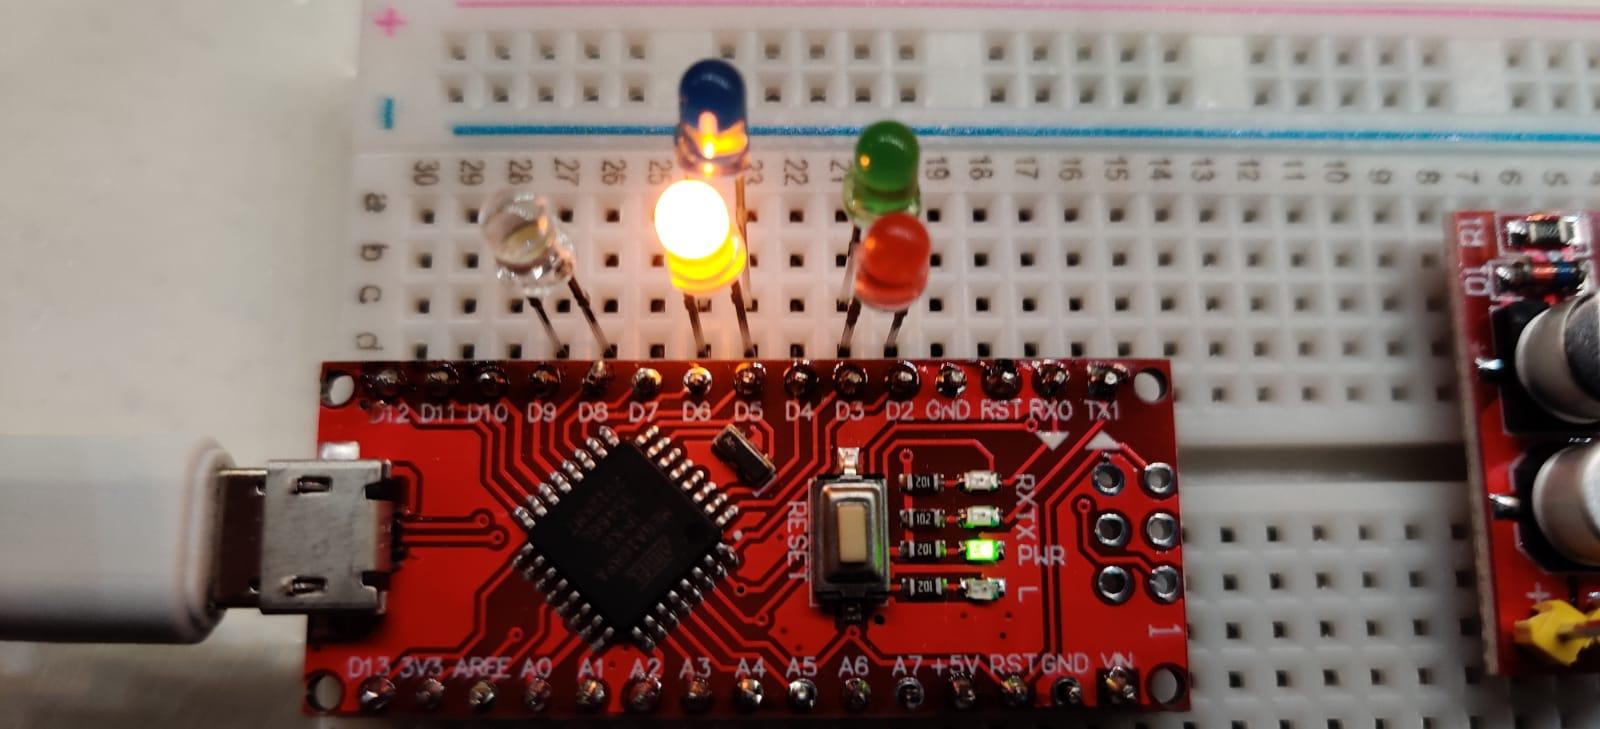 Lab – Blink dubbel Extreme – Arduino Nano programmeren